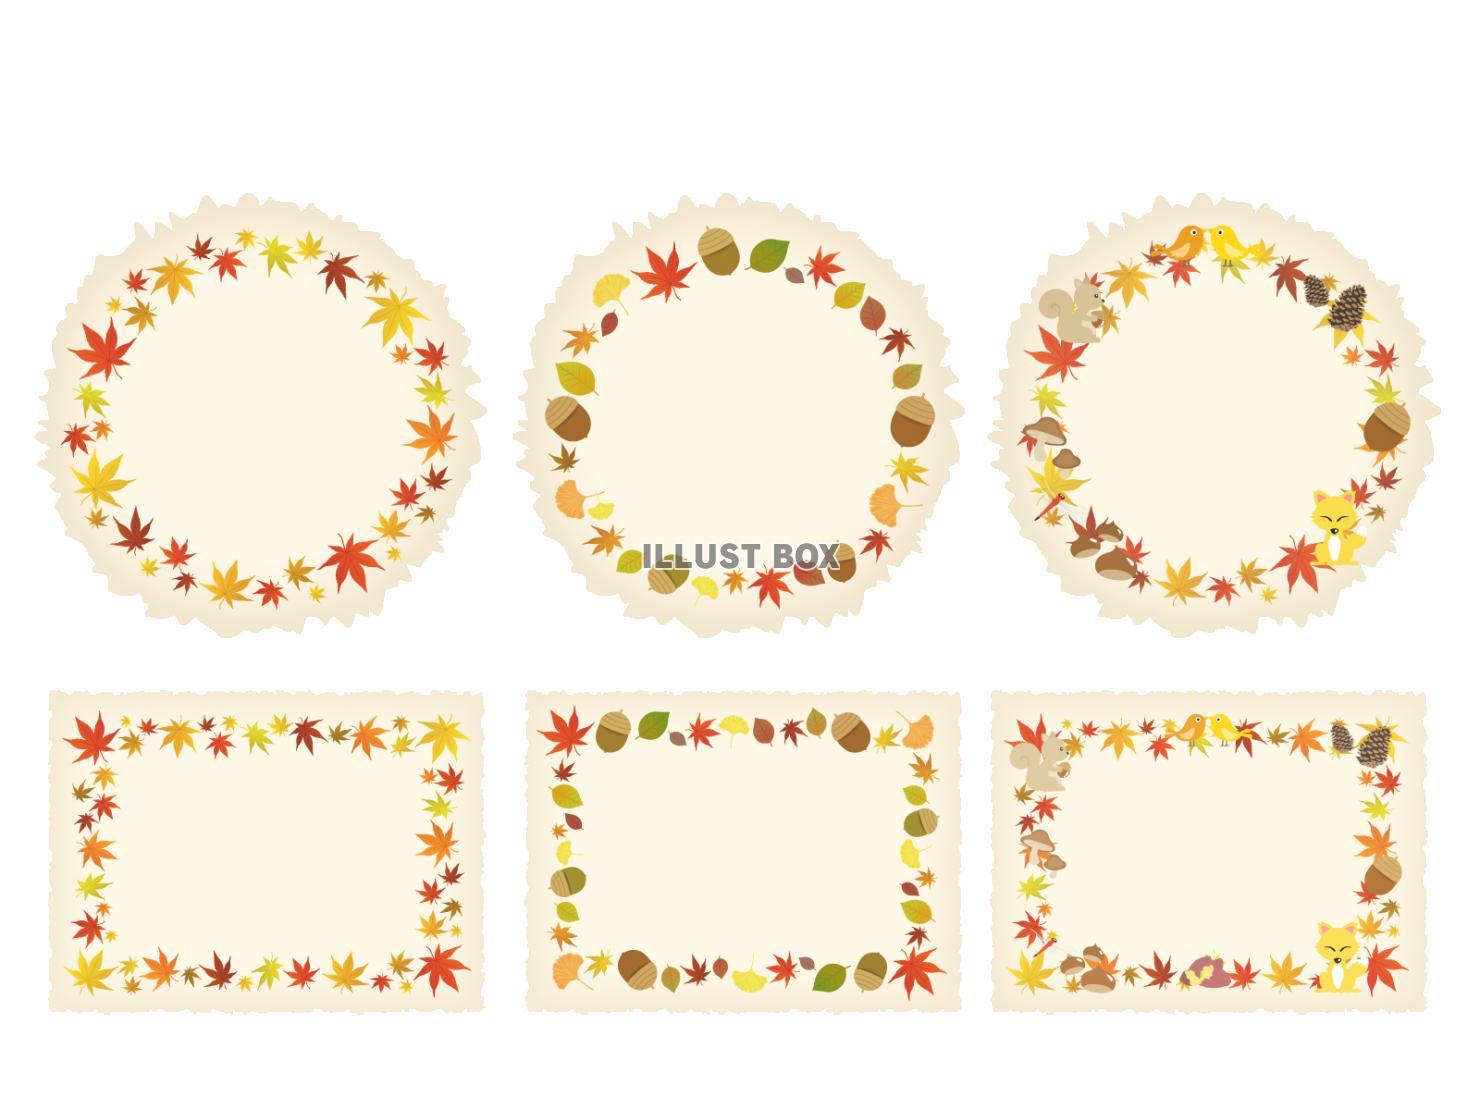 無料イラスト 秋のメッセージカードセット